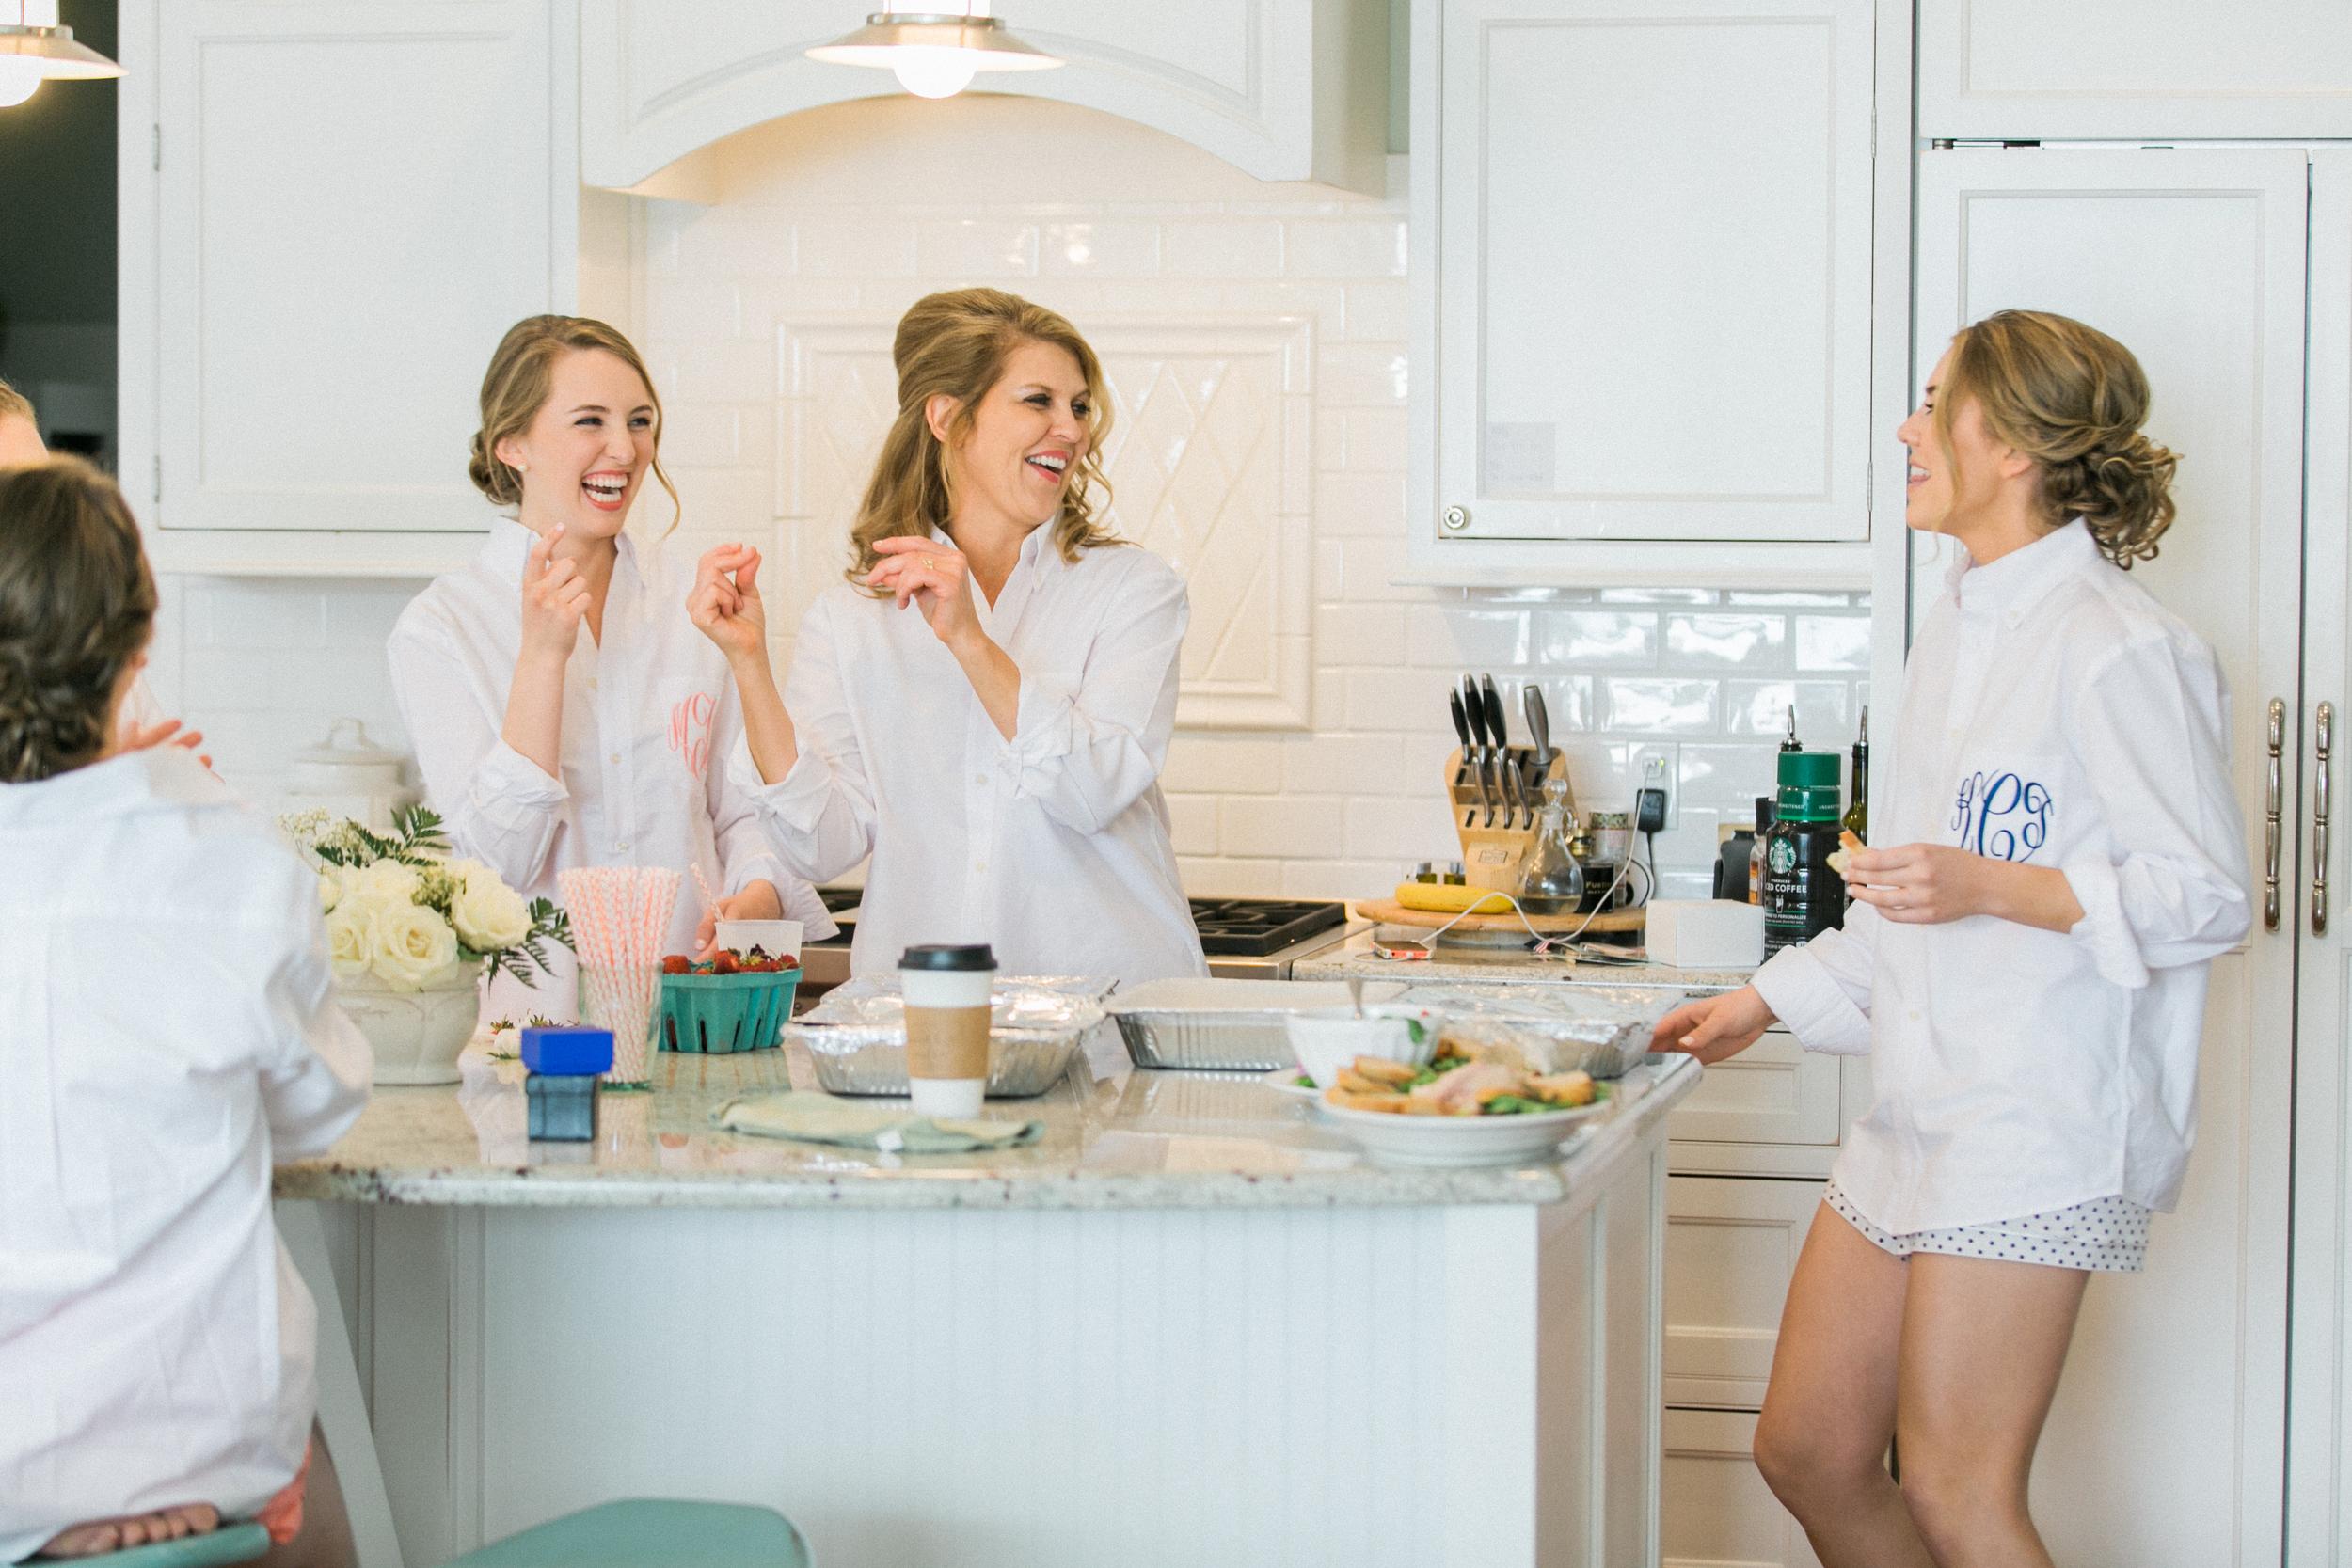 Like I said, joyful and dancing in the kitchen!